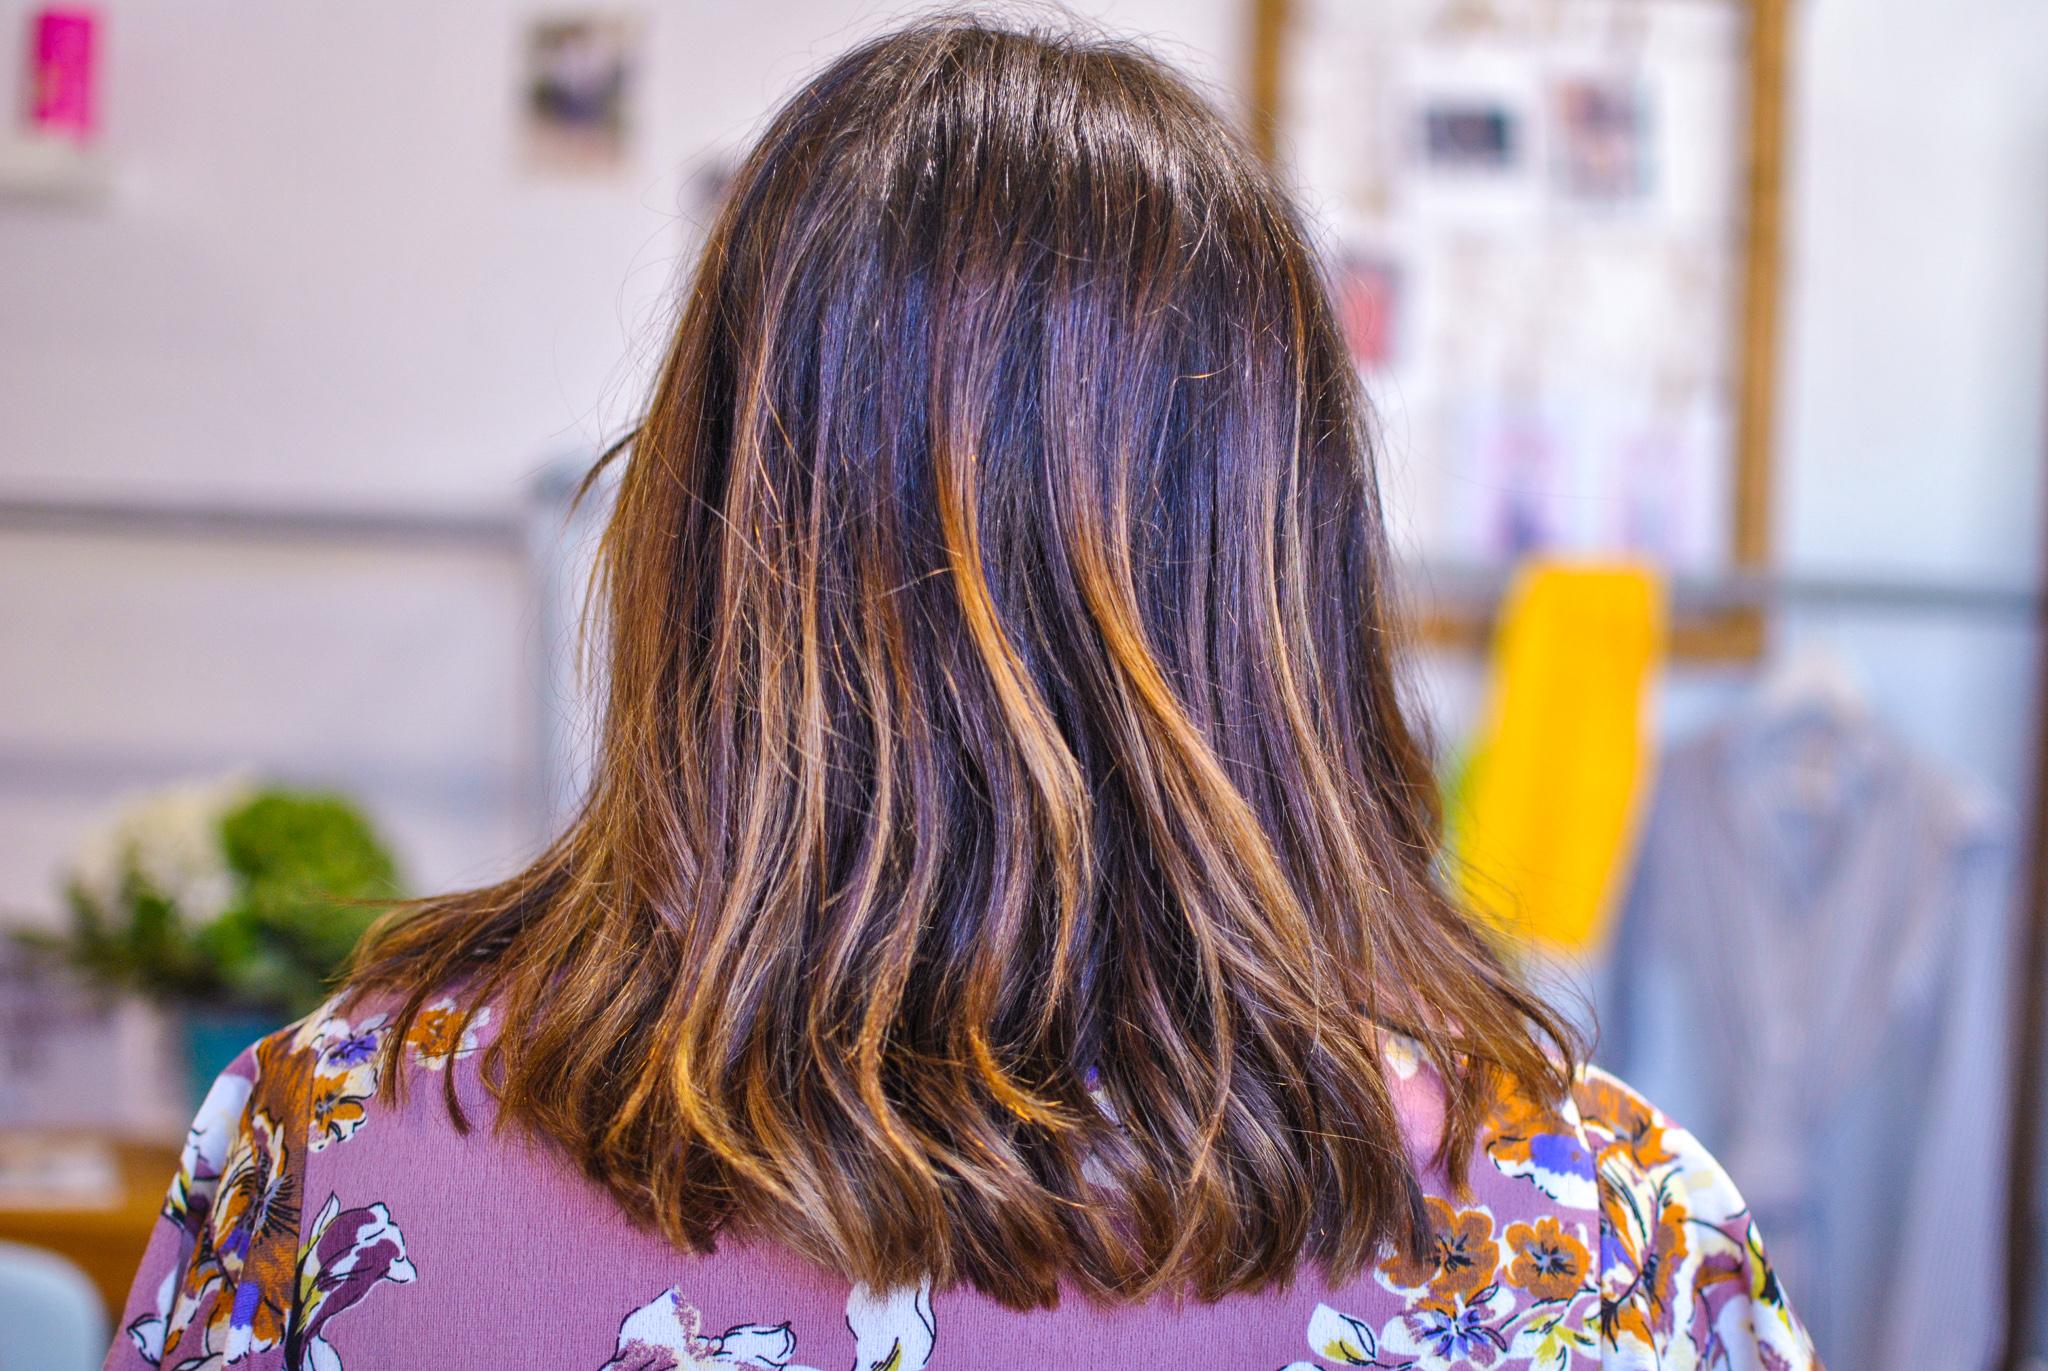 Nouvelle coupe de cheveux pendant l'atelier image de soi & relooking sur Aix-en-Provence